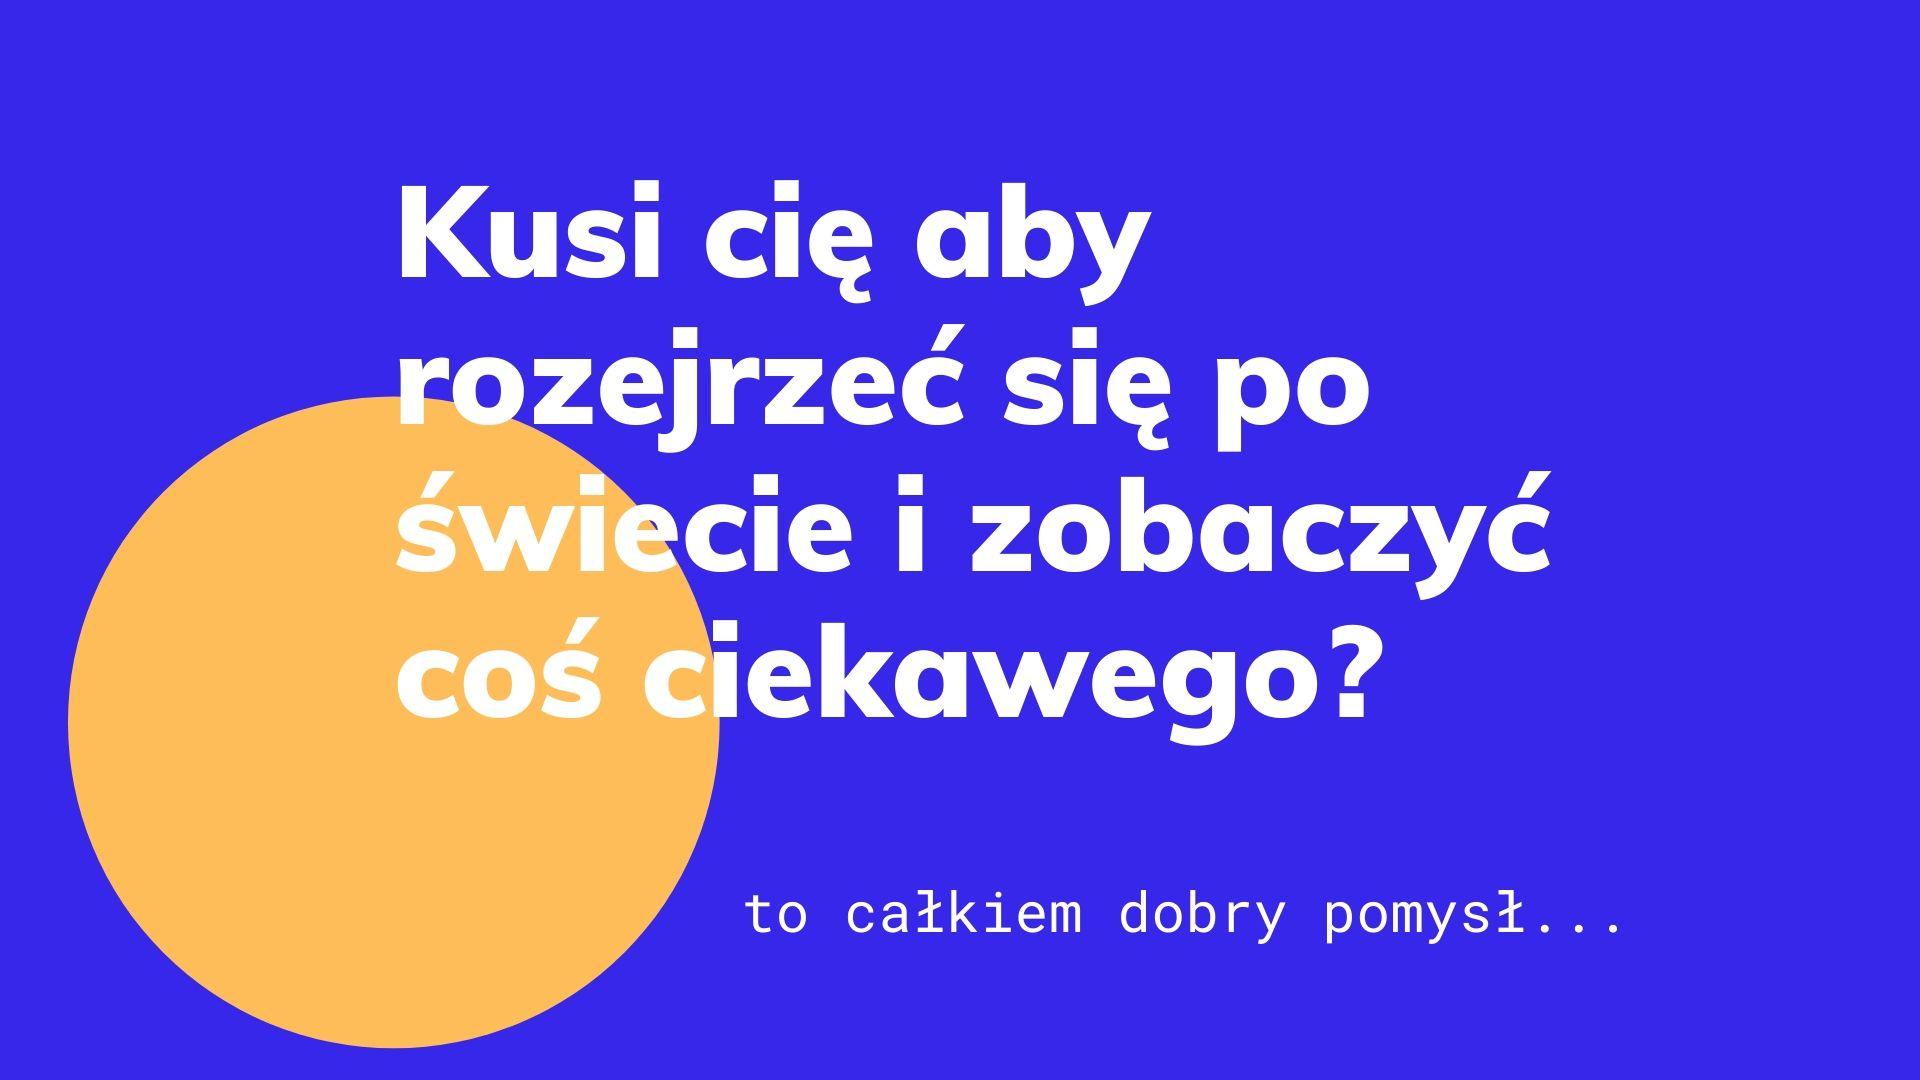 kukulturze.pl